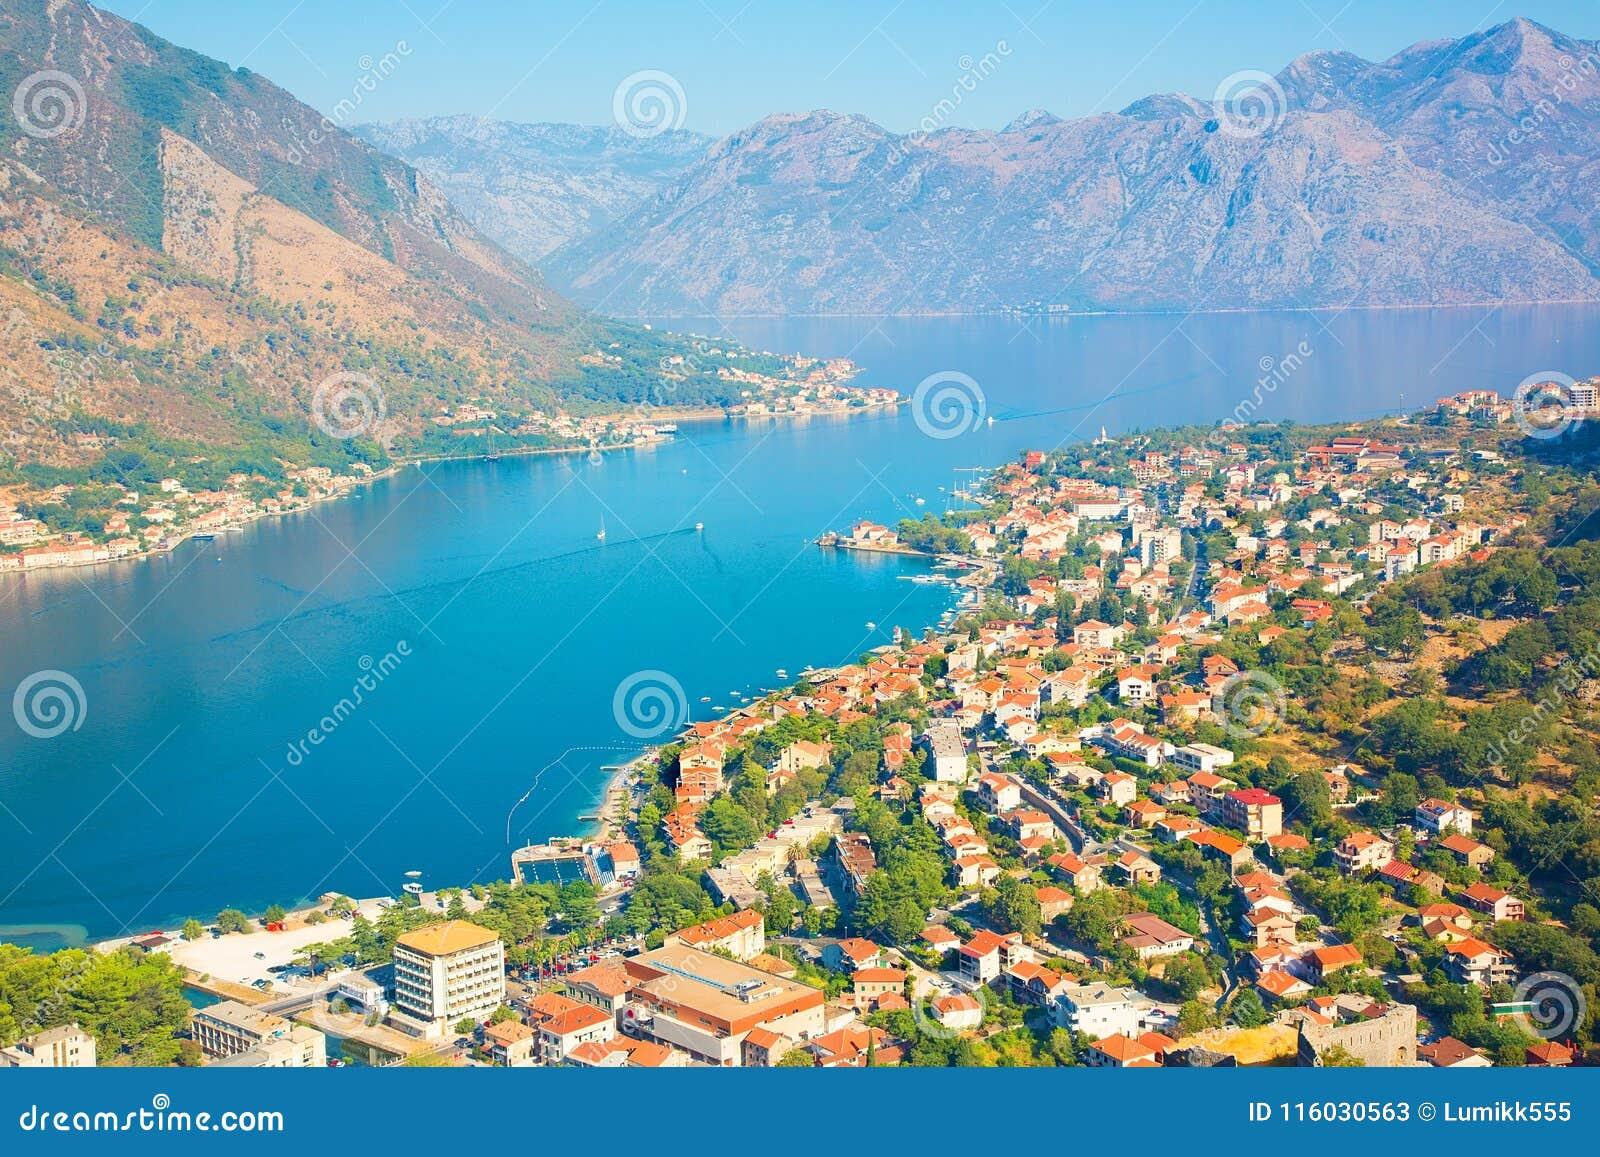 La vue aérienne panoramique de Kotor et le Boka Kotorska aboient, Monténégro